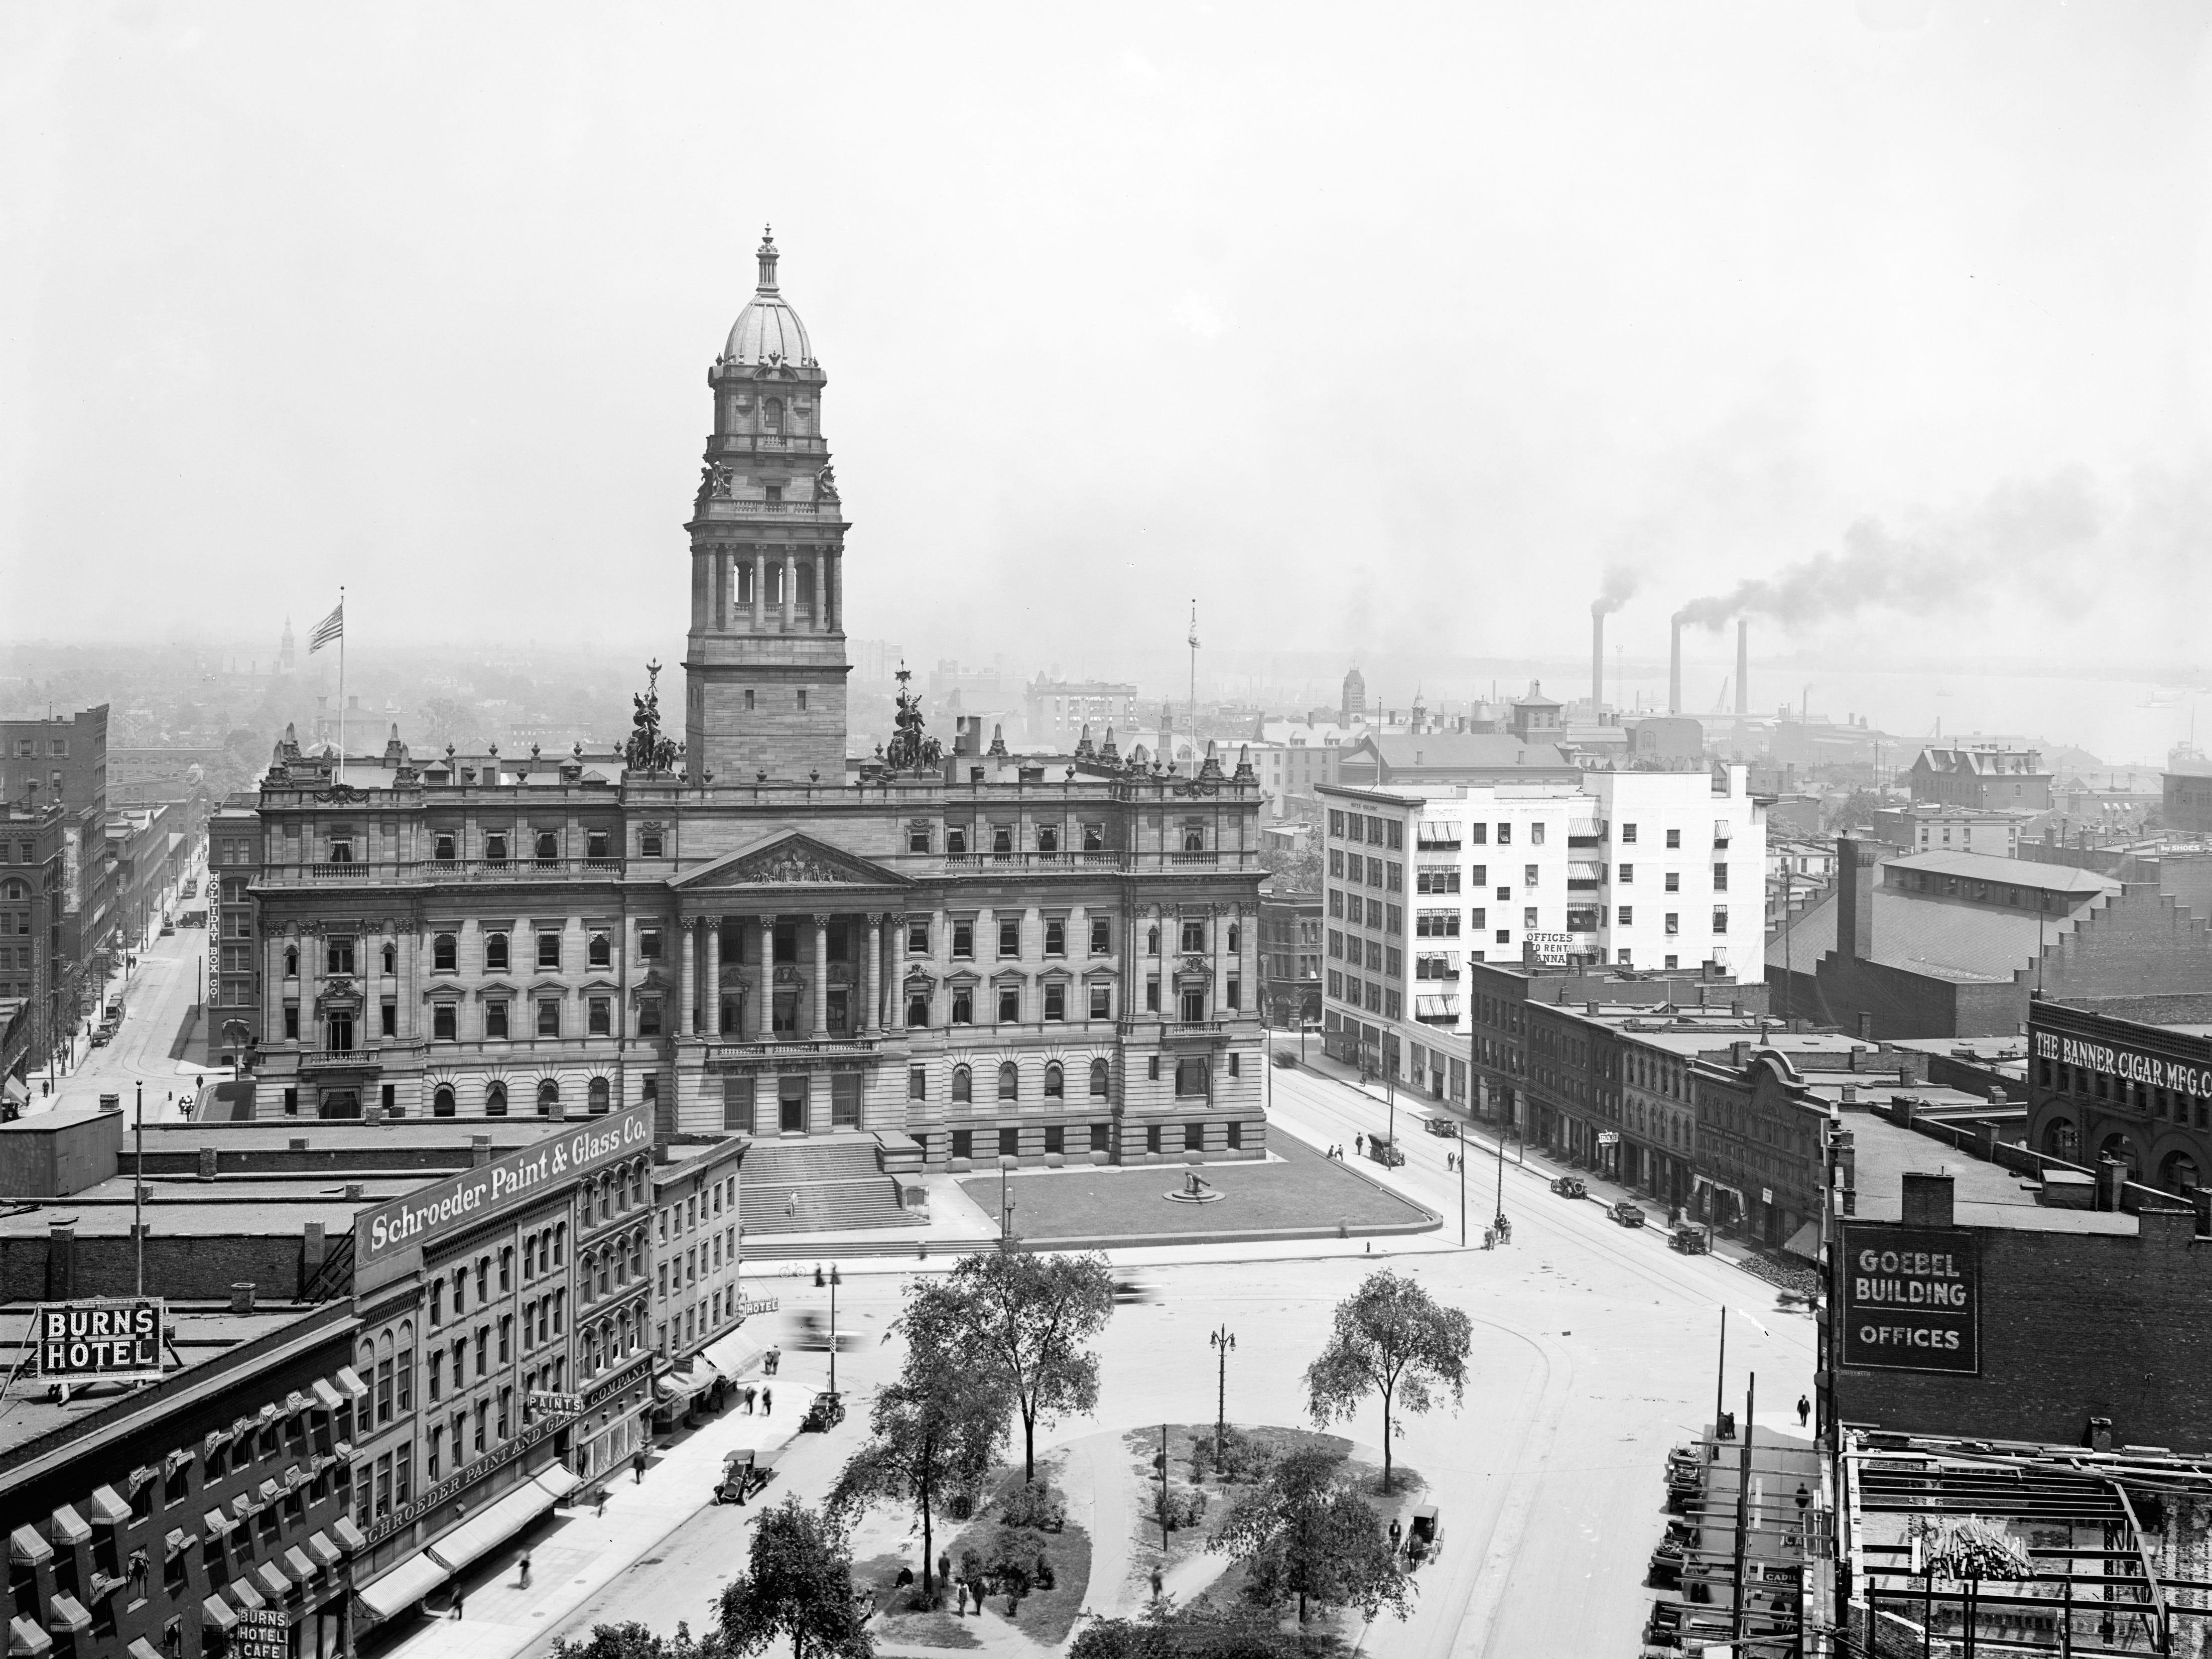 Wayne County Building, circa 1915.